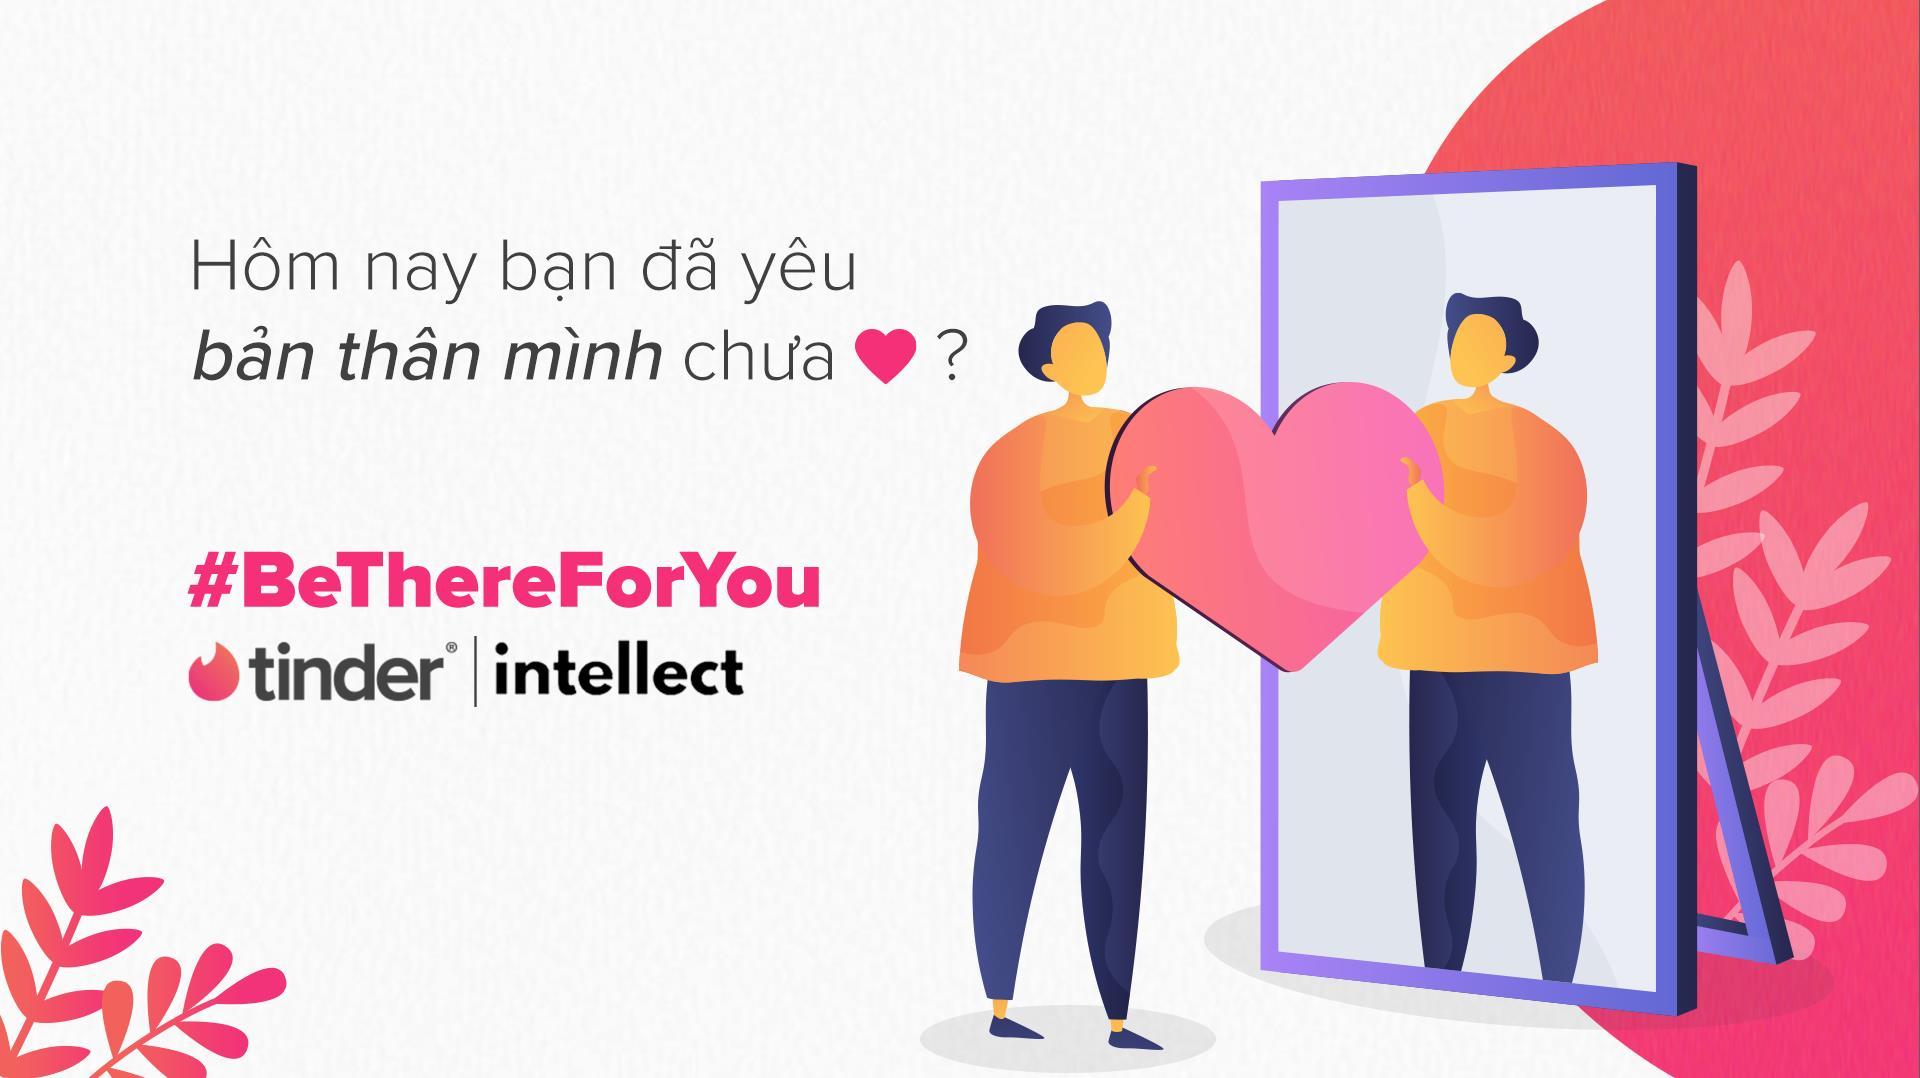 Tinder nhắn nhủ đến người dùng tại Việt Nam: Đừng quên yêu thương bản thân mình